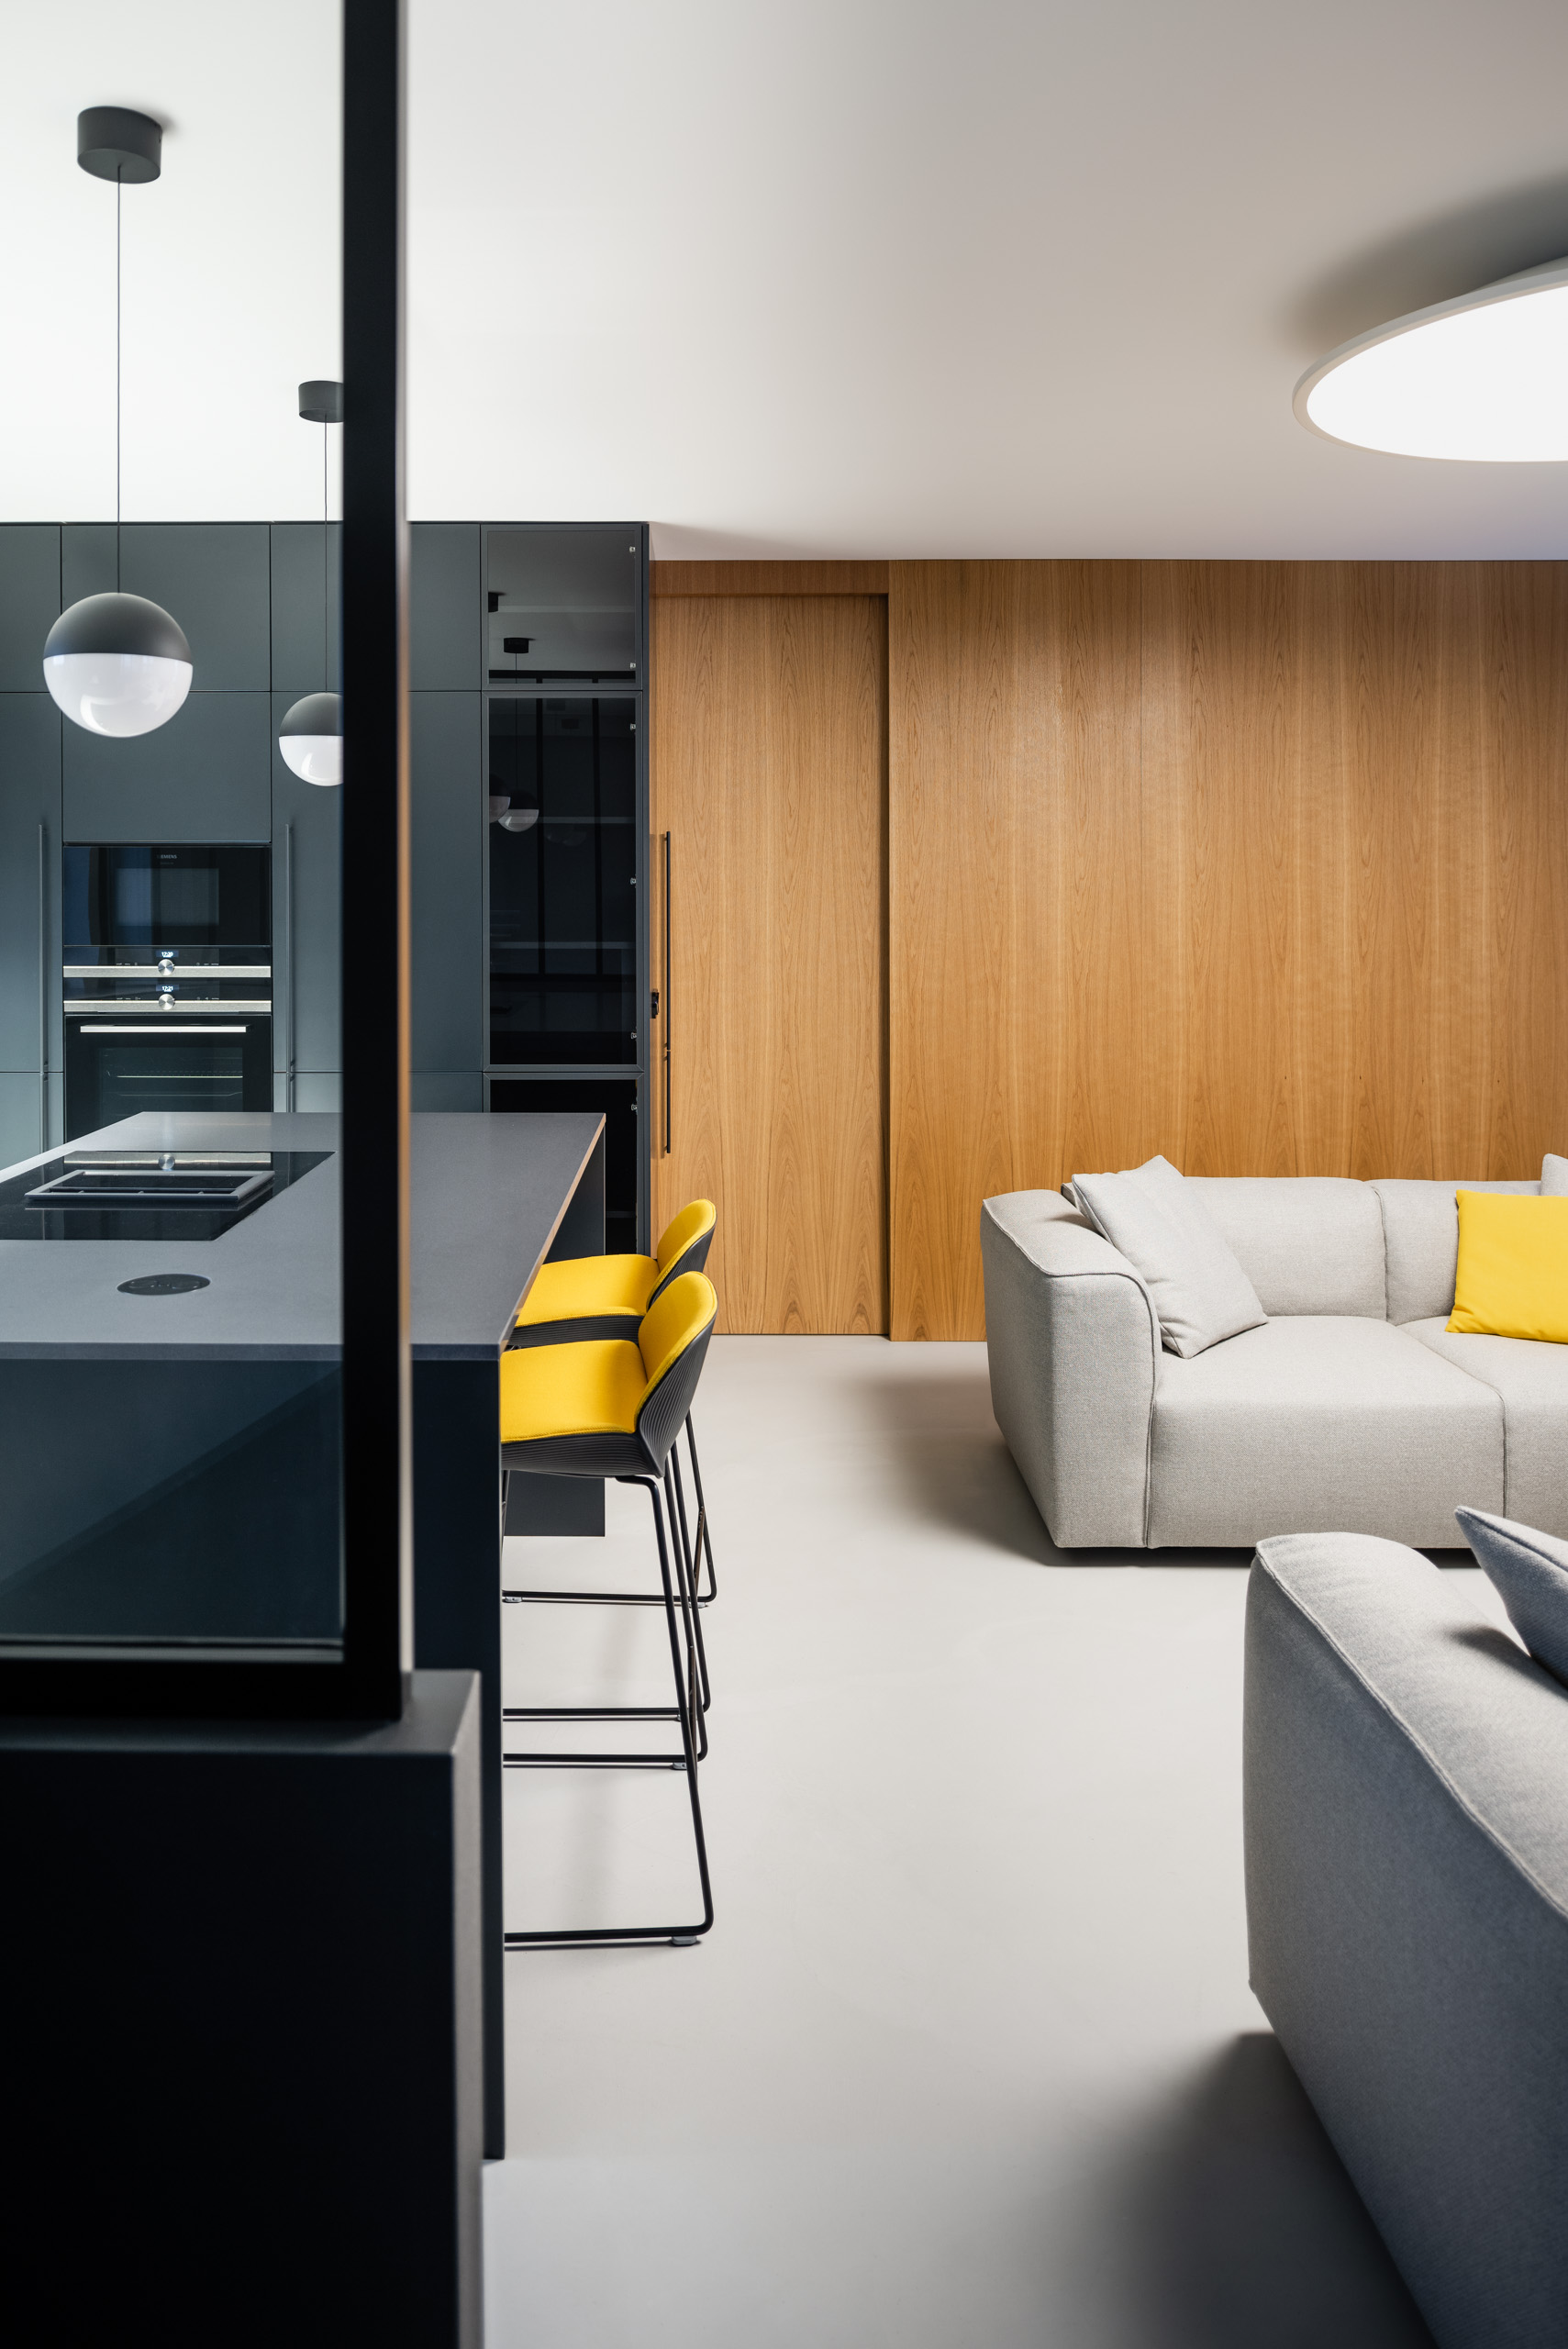 černá kuchyň a žluté židle